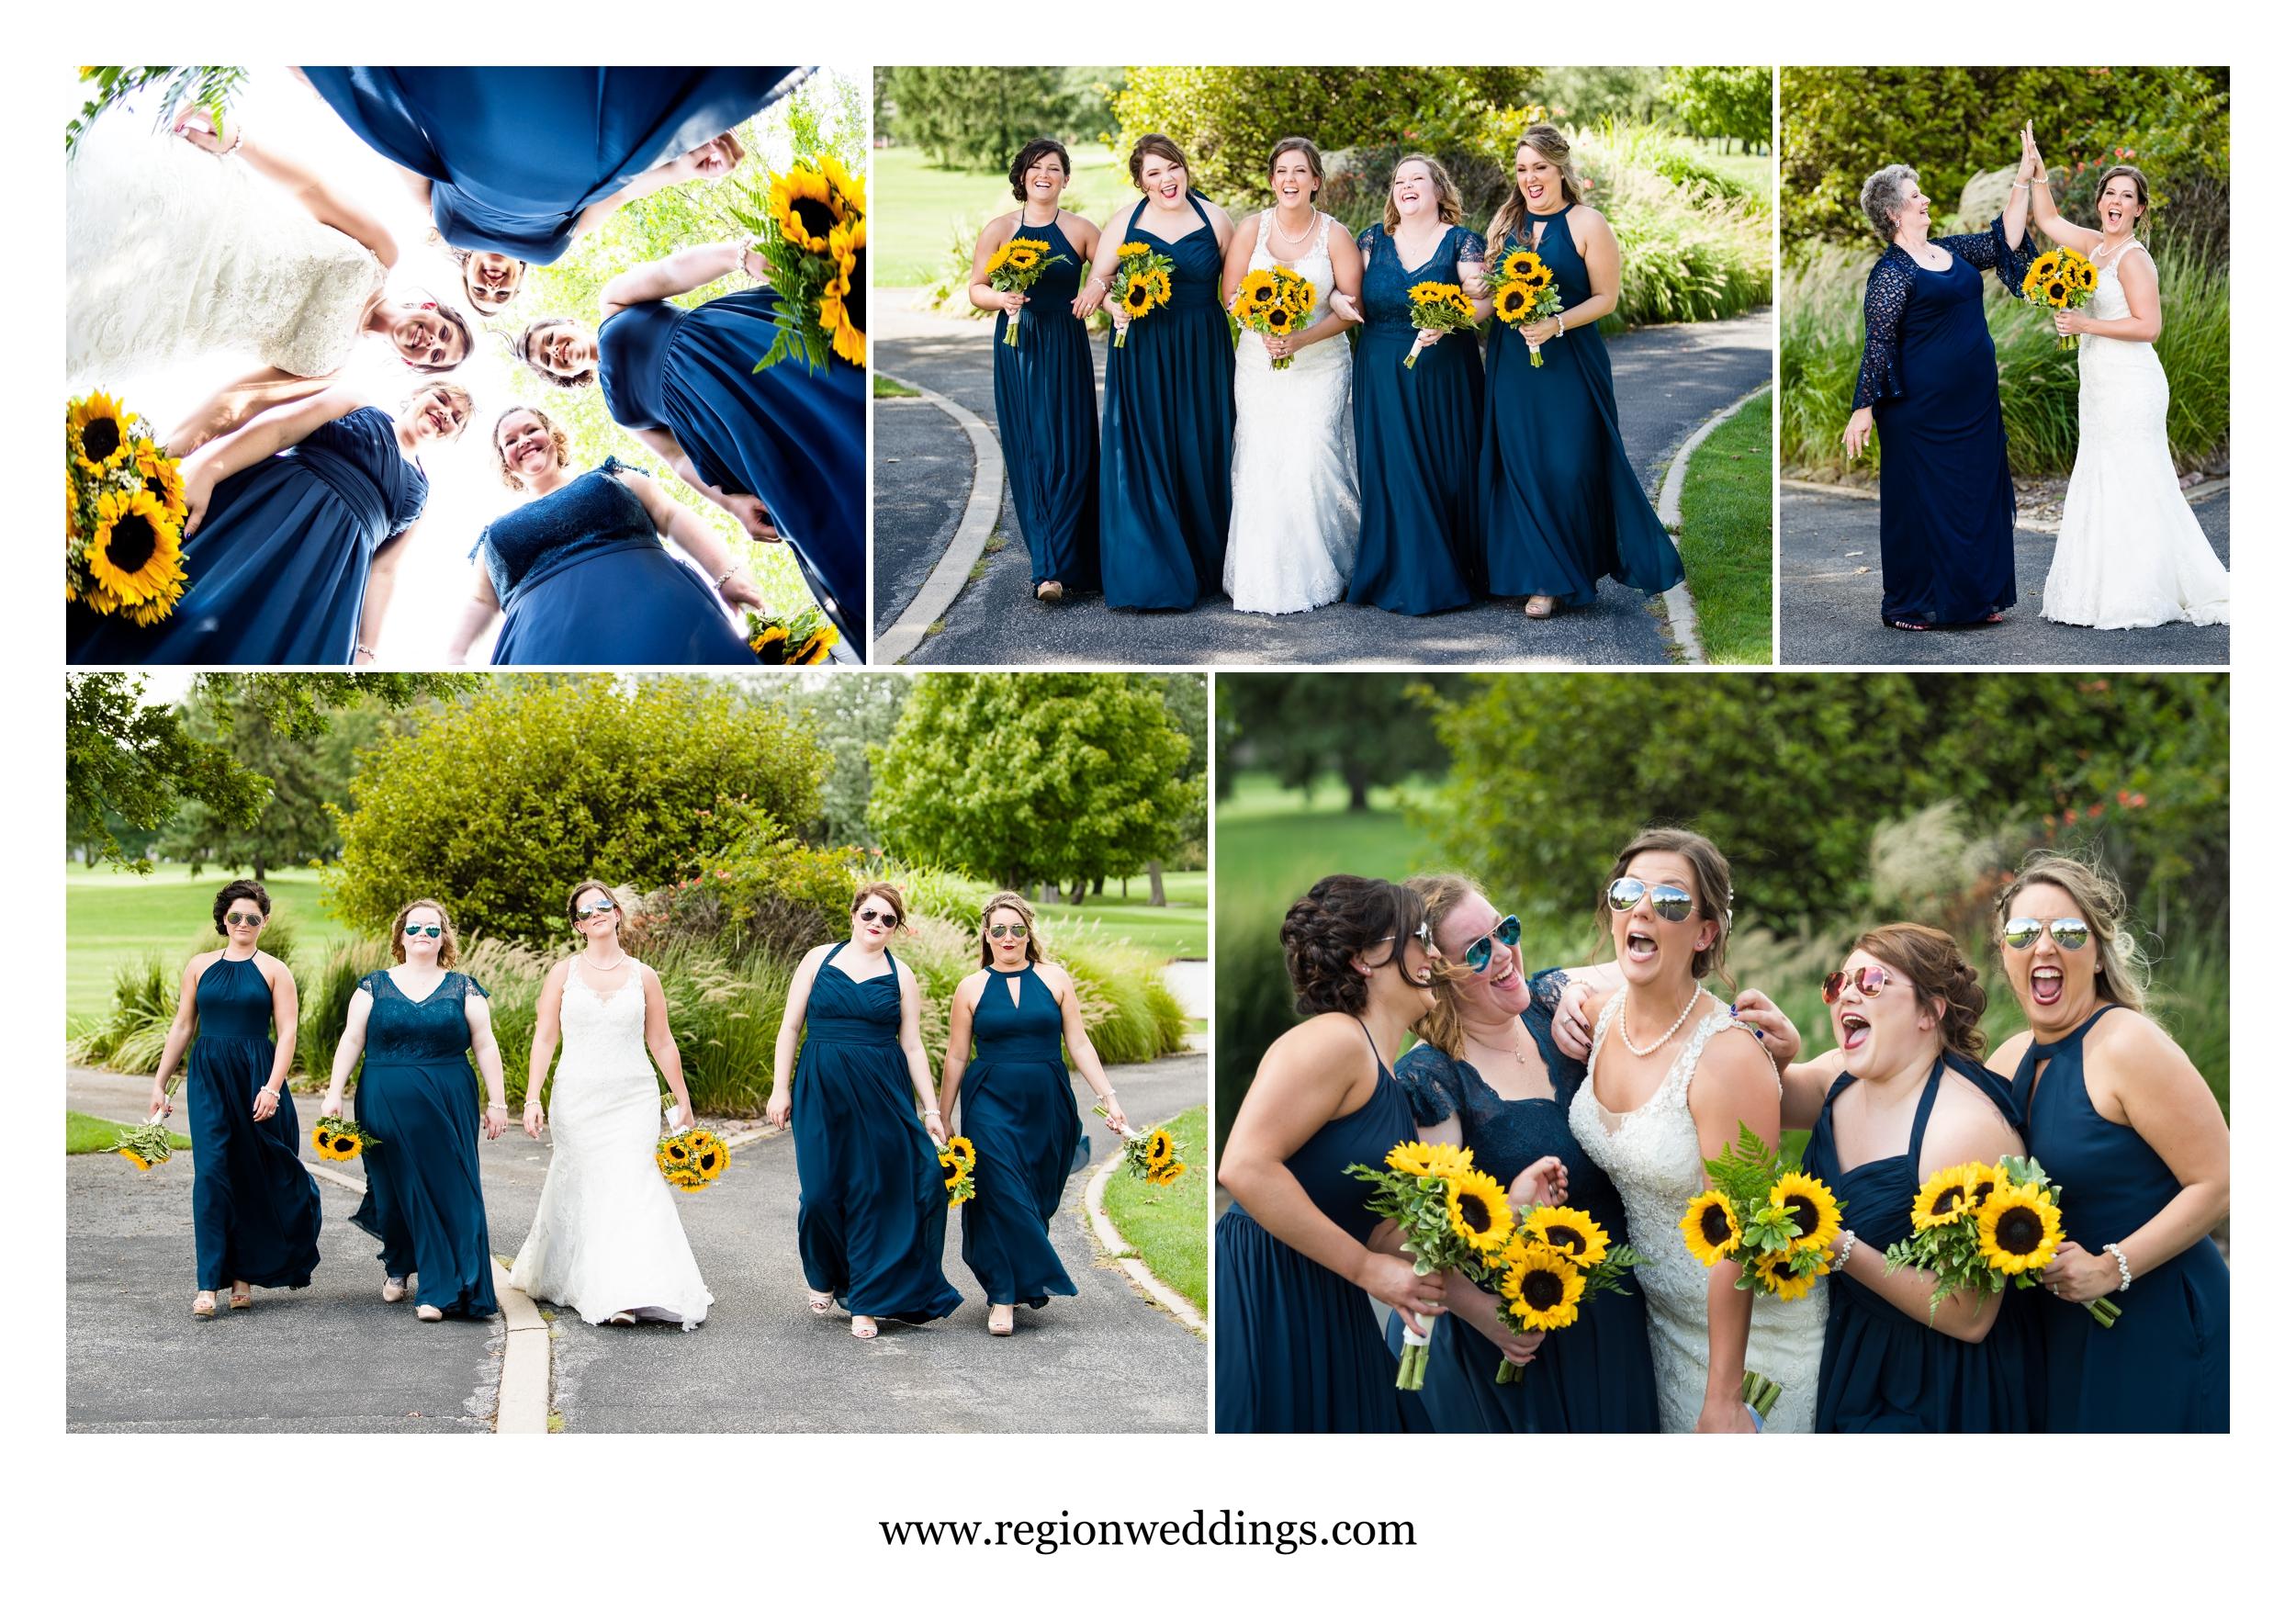 Fun bridesmaid pictures at Briar Ridge golf course.